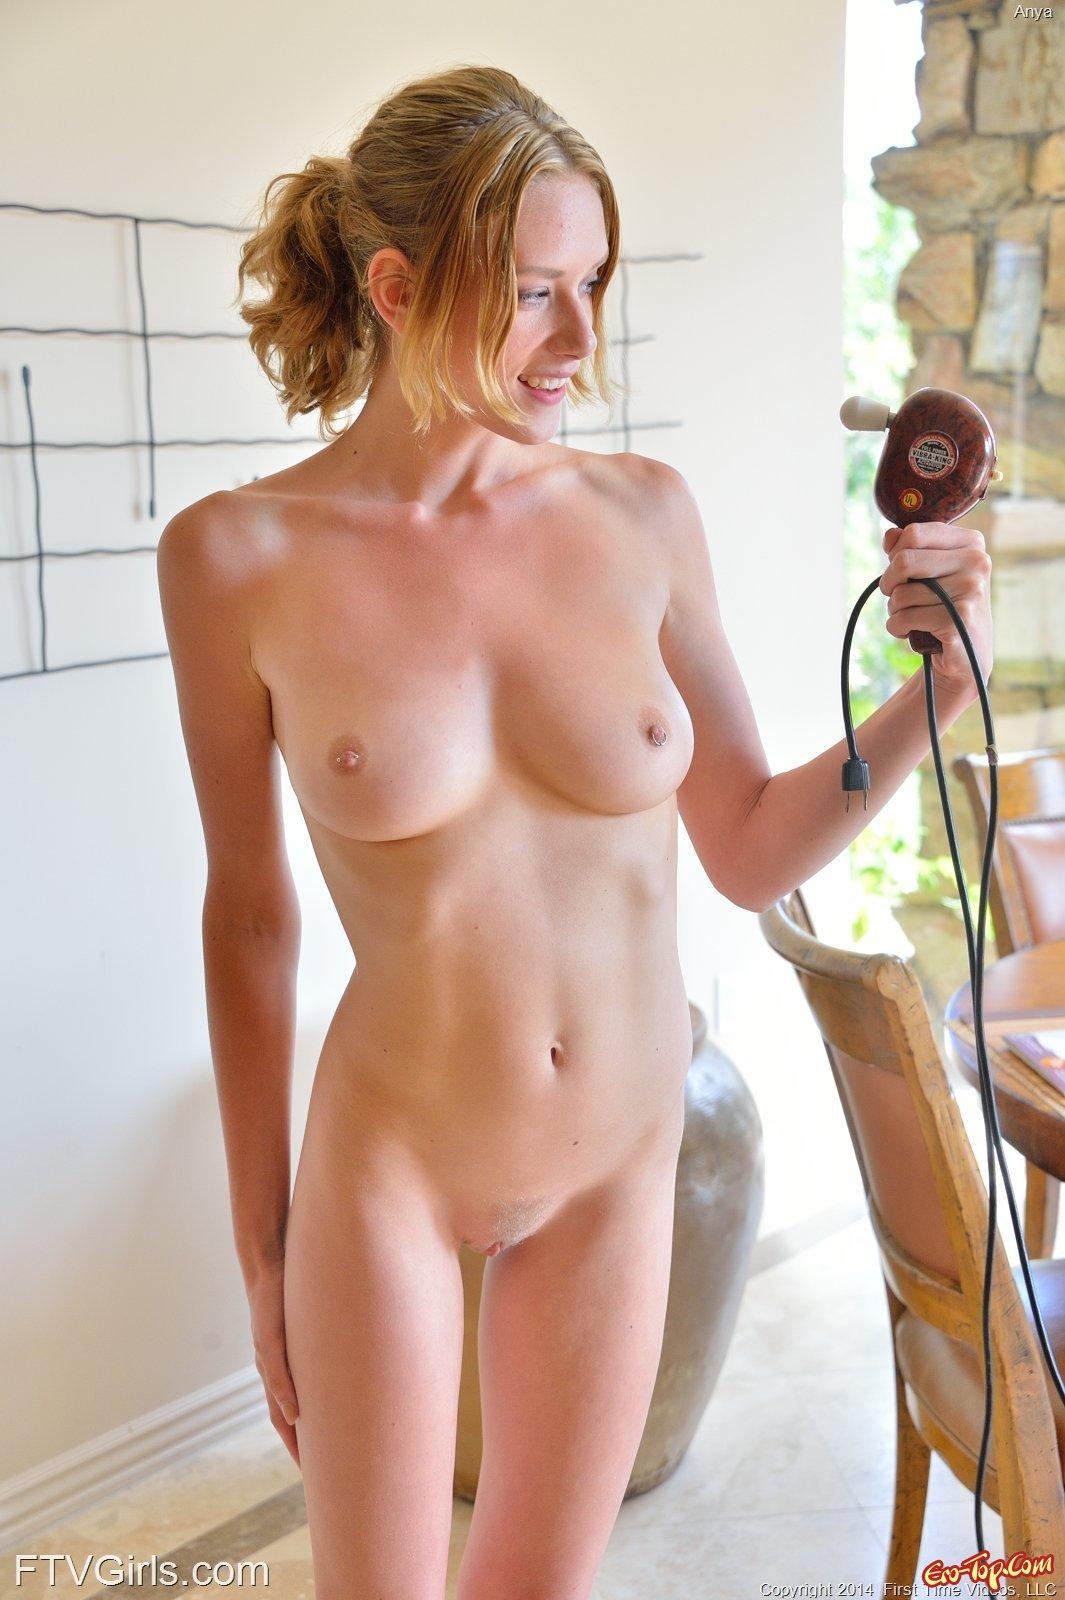 Возбужденная девка дрочит вибратором на полу смотреть эротику